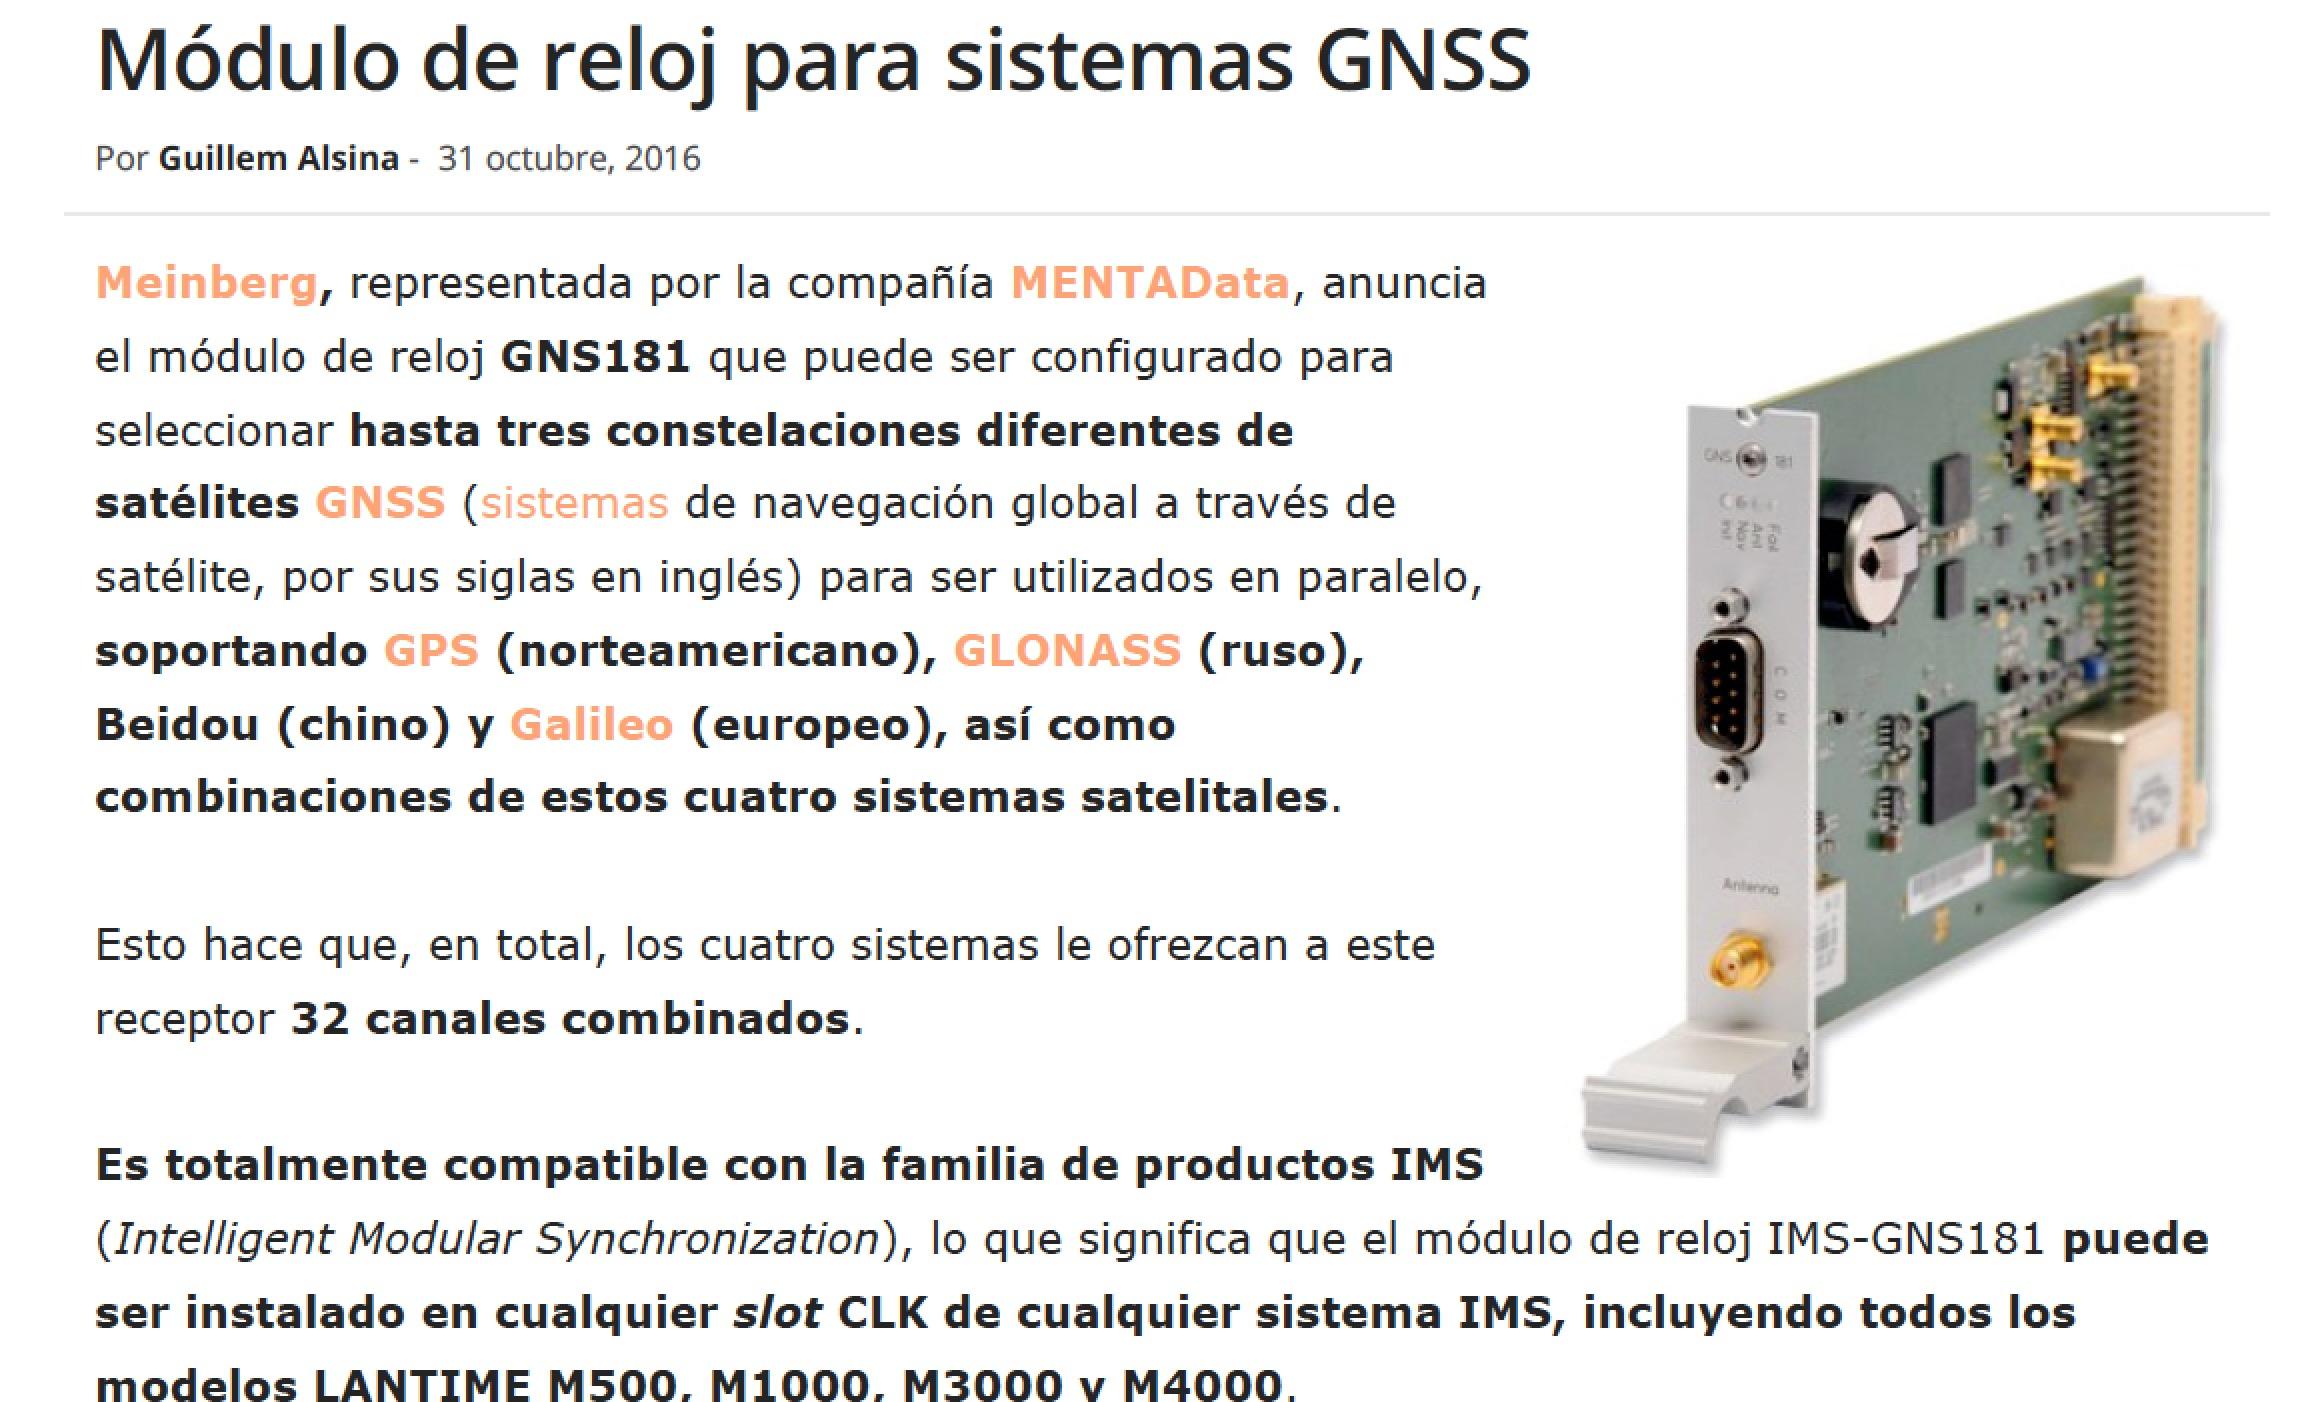 Módulo de reloj para sistemas GNSS - Meinberg - MENTAData